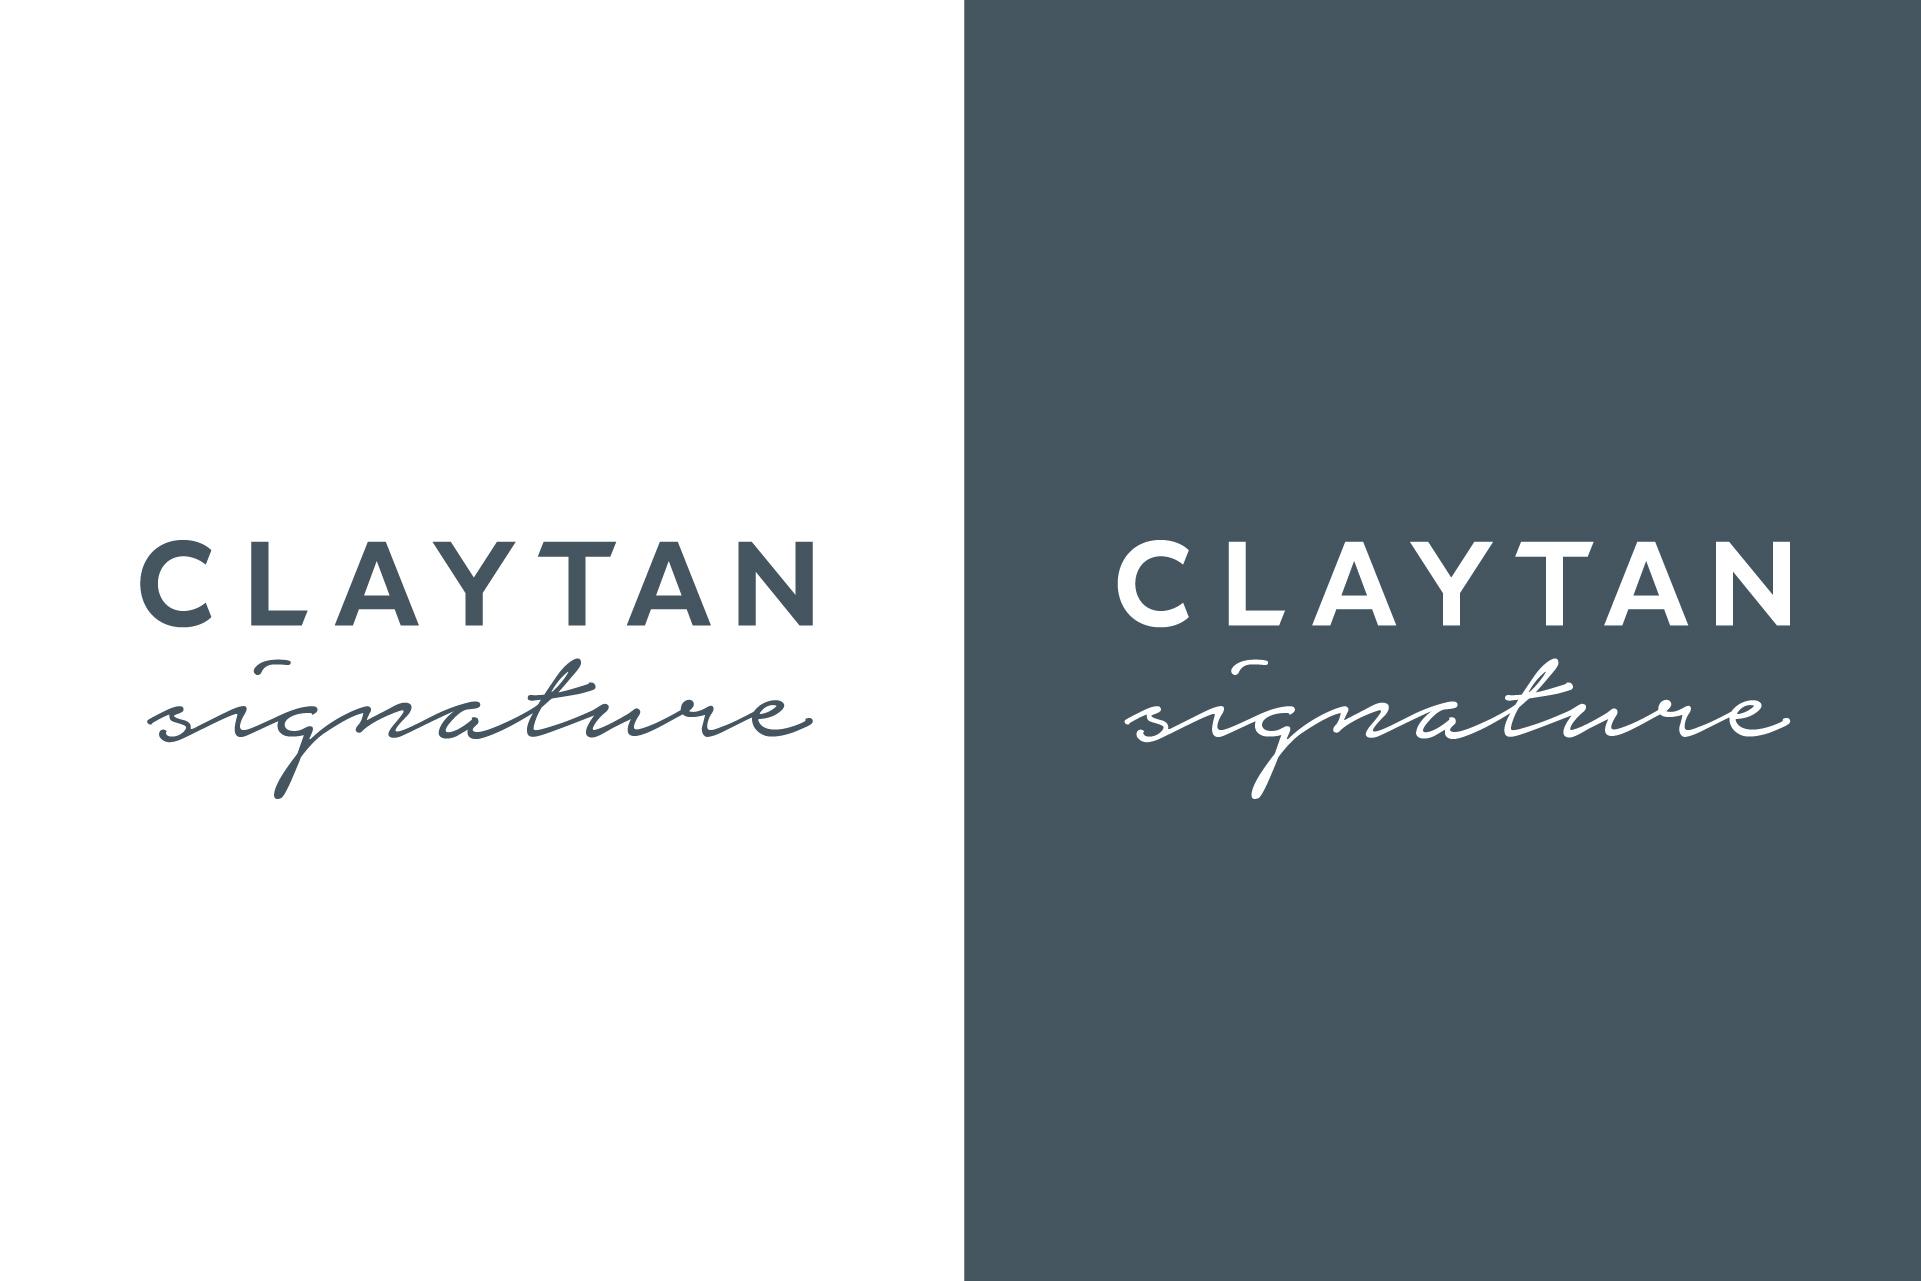 Claytan_logo_1-01